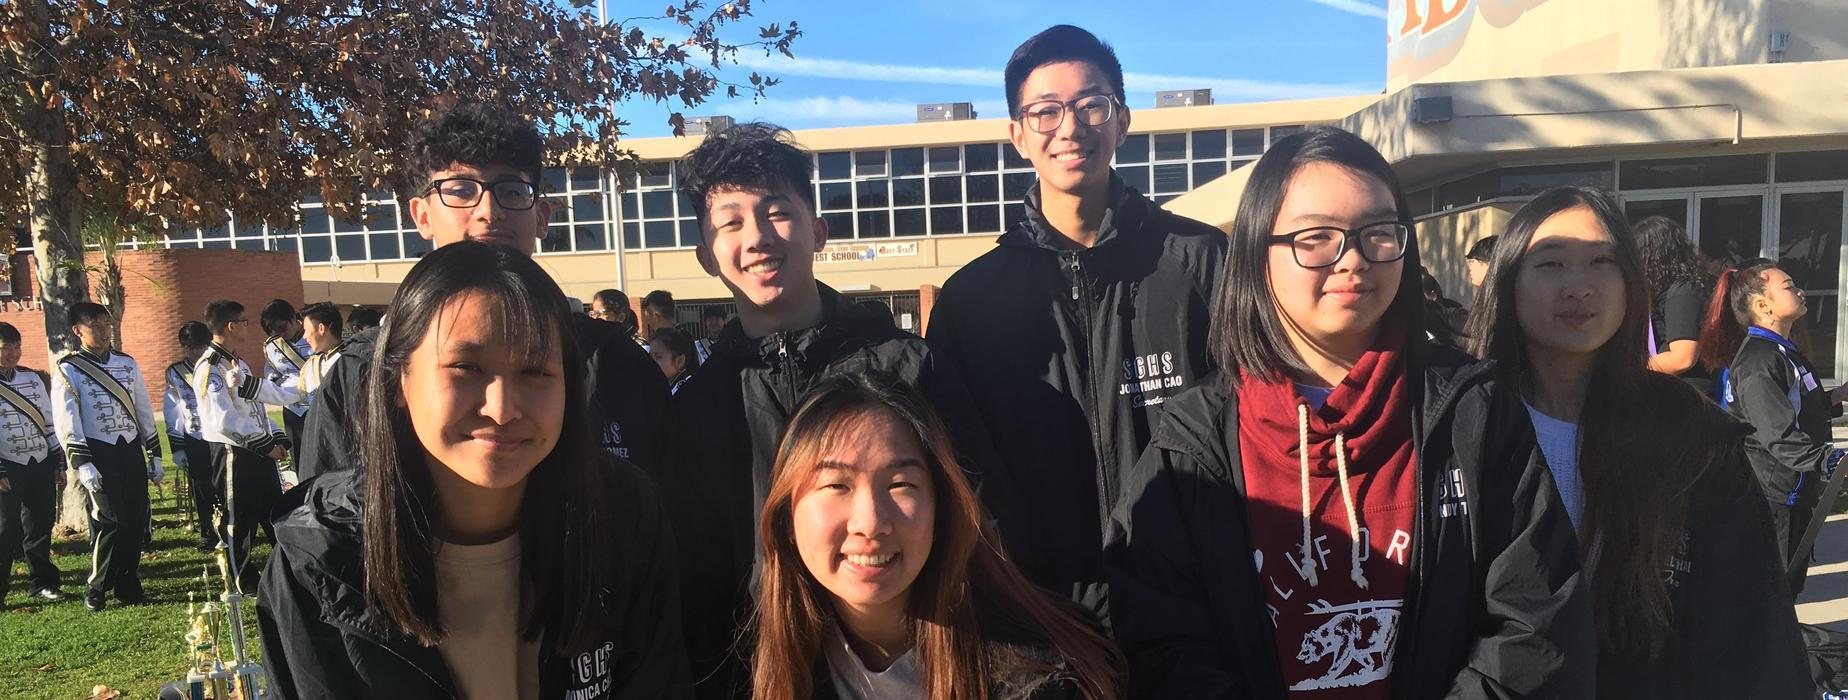 Matador Students